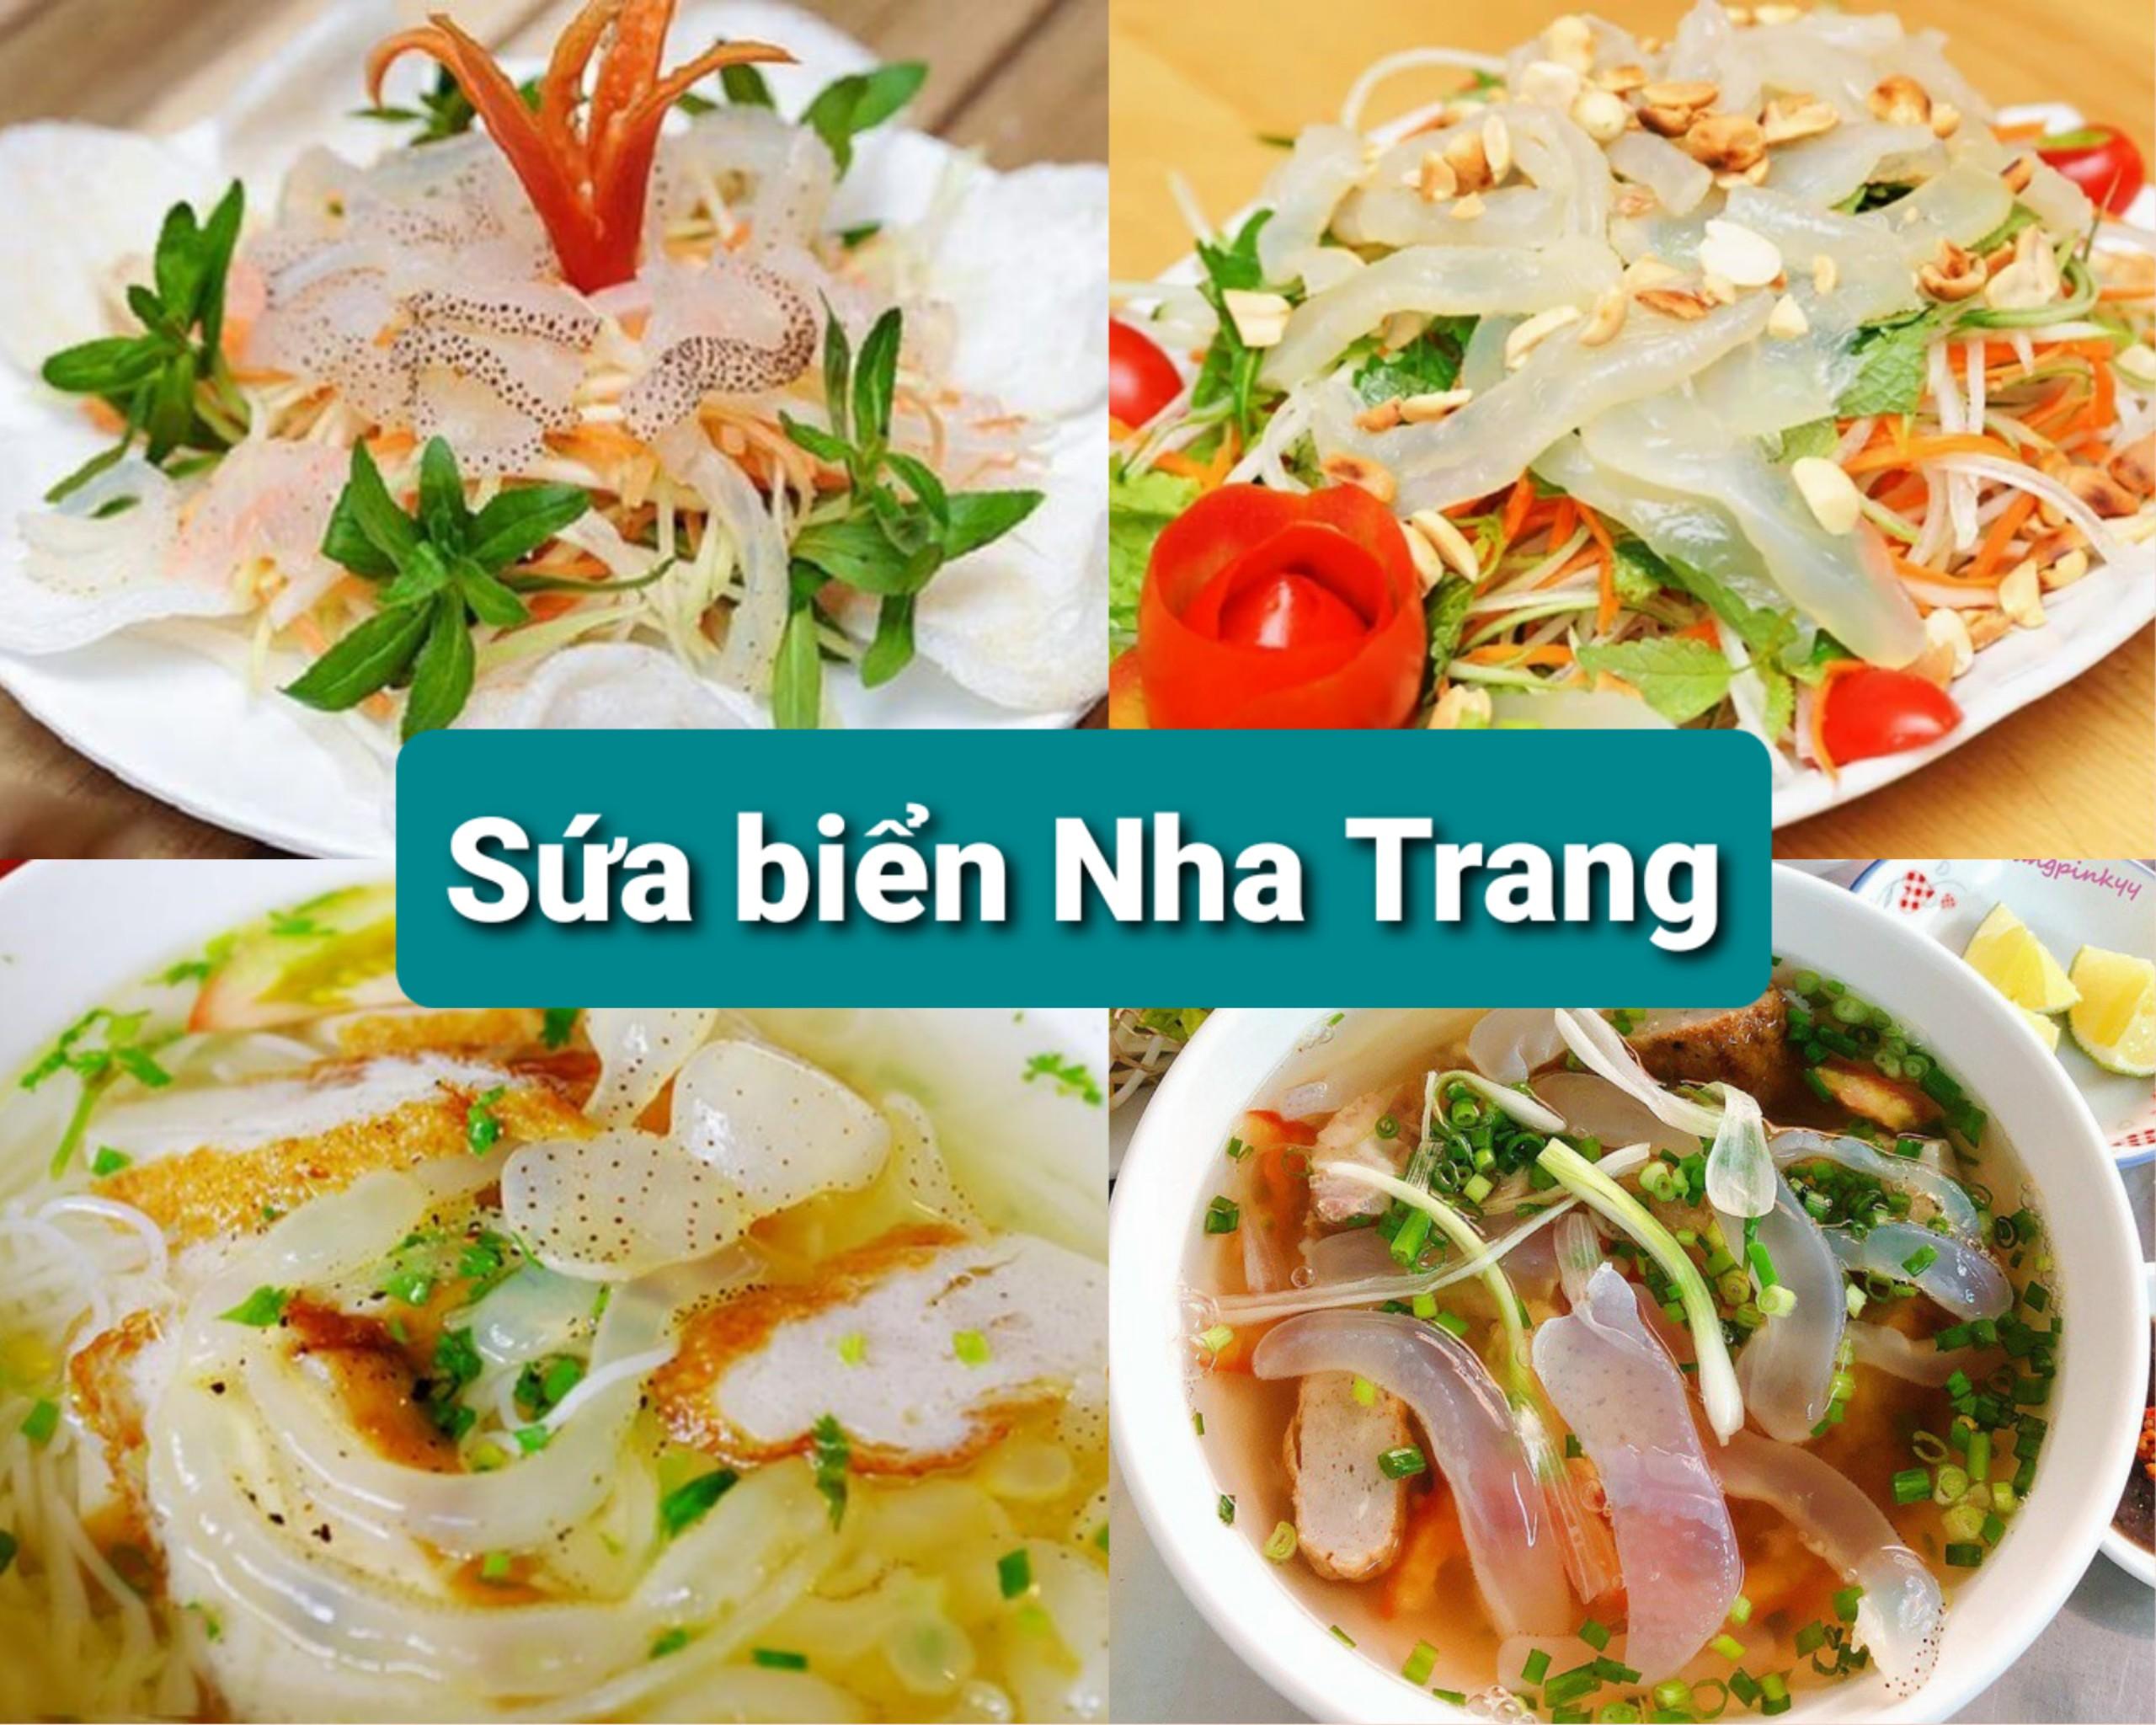 2 kg Sứa biển làm bún - Sứa biển làm gỏi - Sứa biển Nha Trang